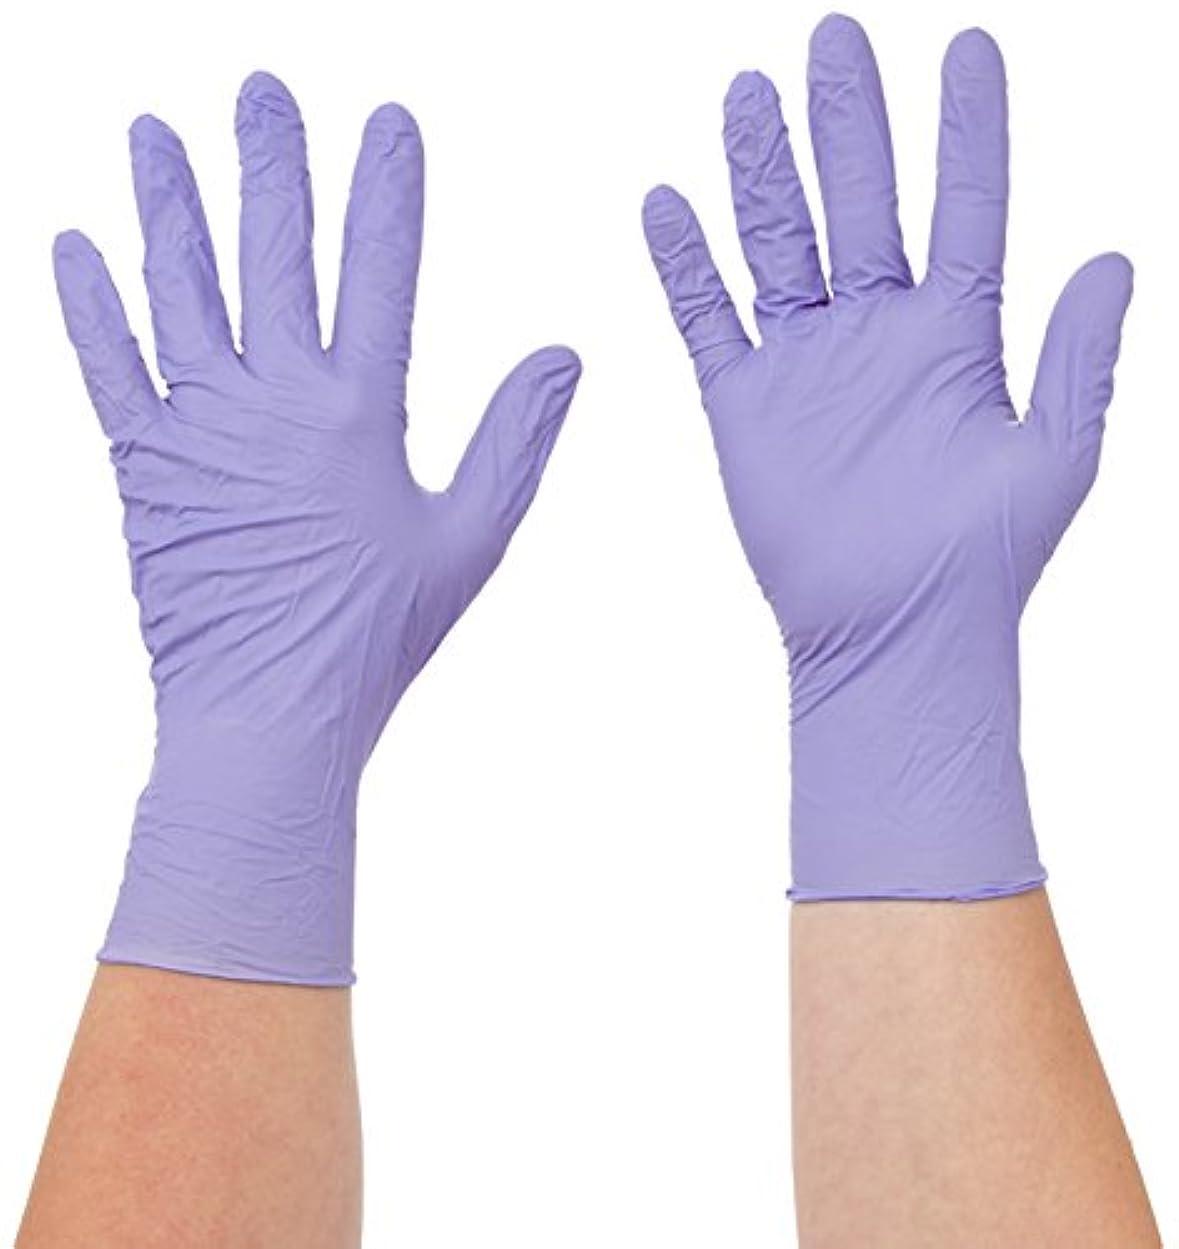 羨望子犬子犬Semperit 使い捨てニトリル手袋 Xtra Lite 0.14mm 粉無(入数:200枚) 3000001618